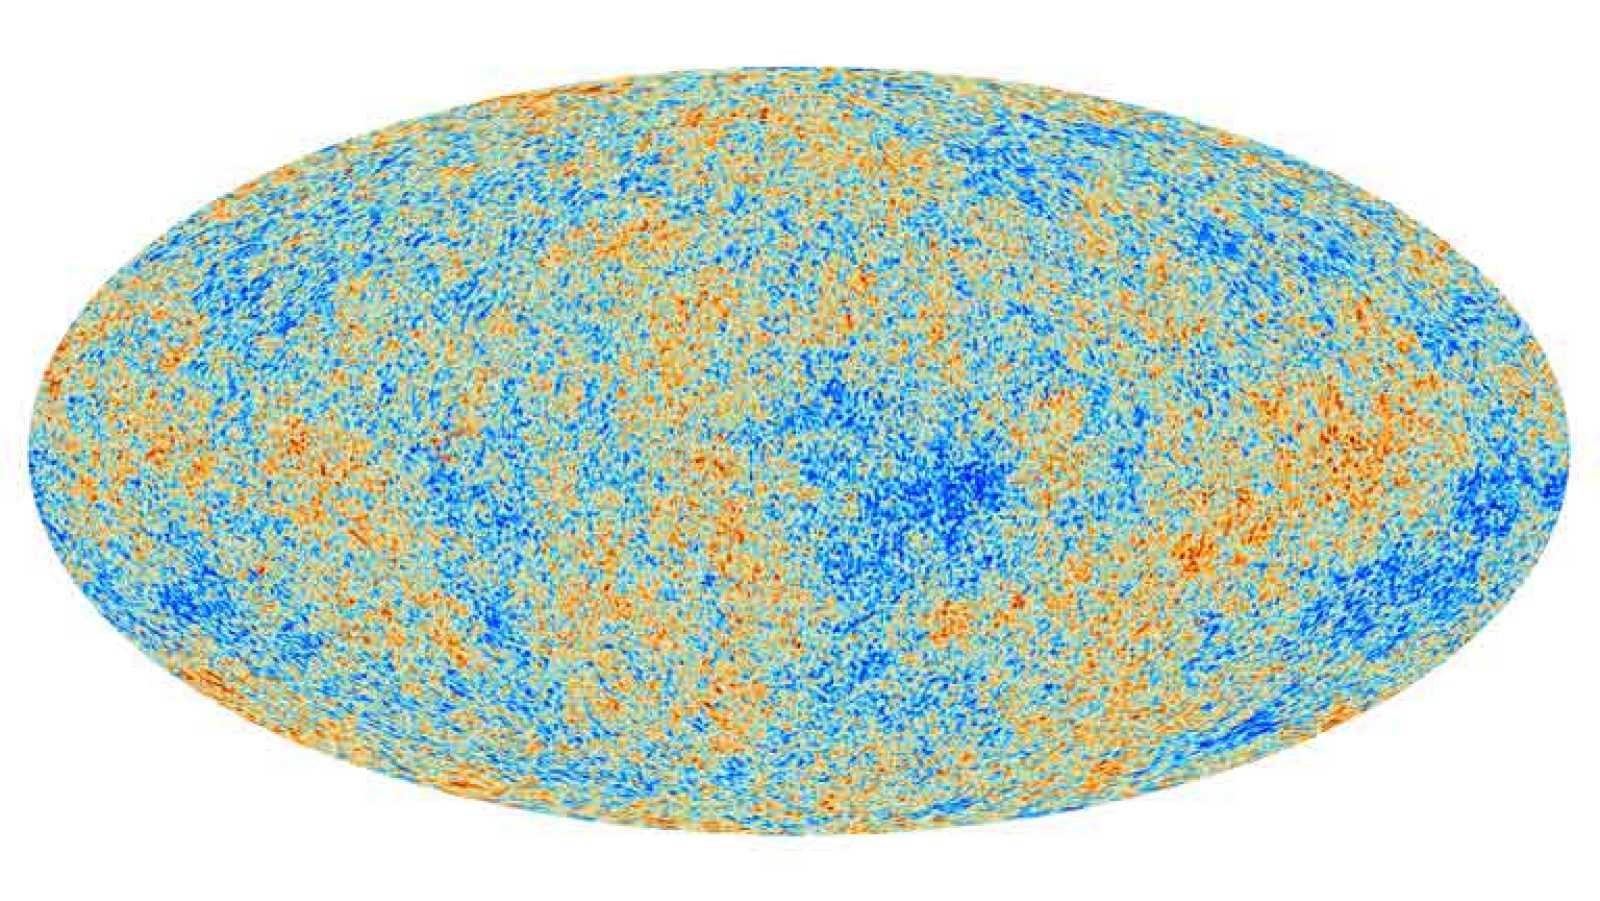 Animación de la radiación analizada por Planck